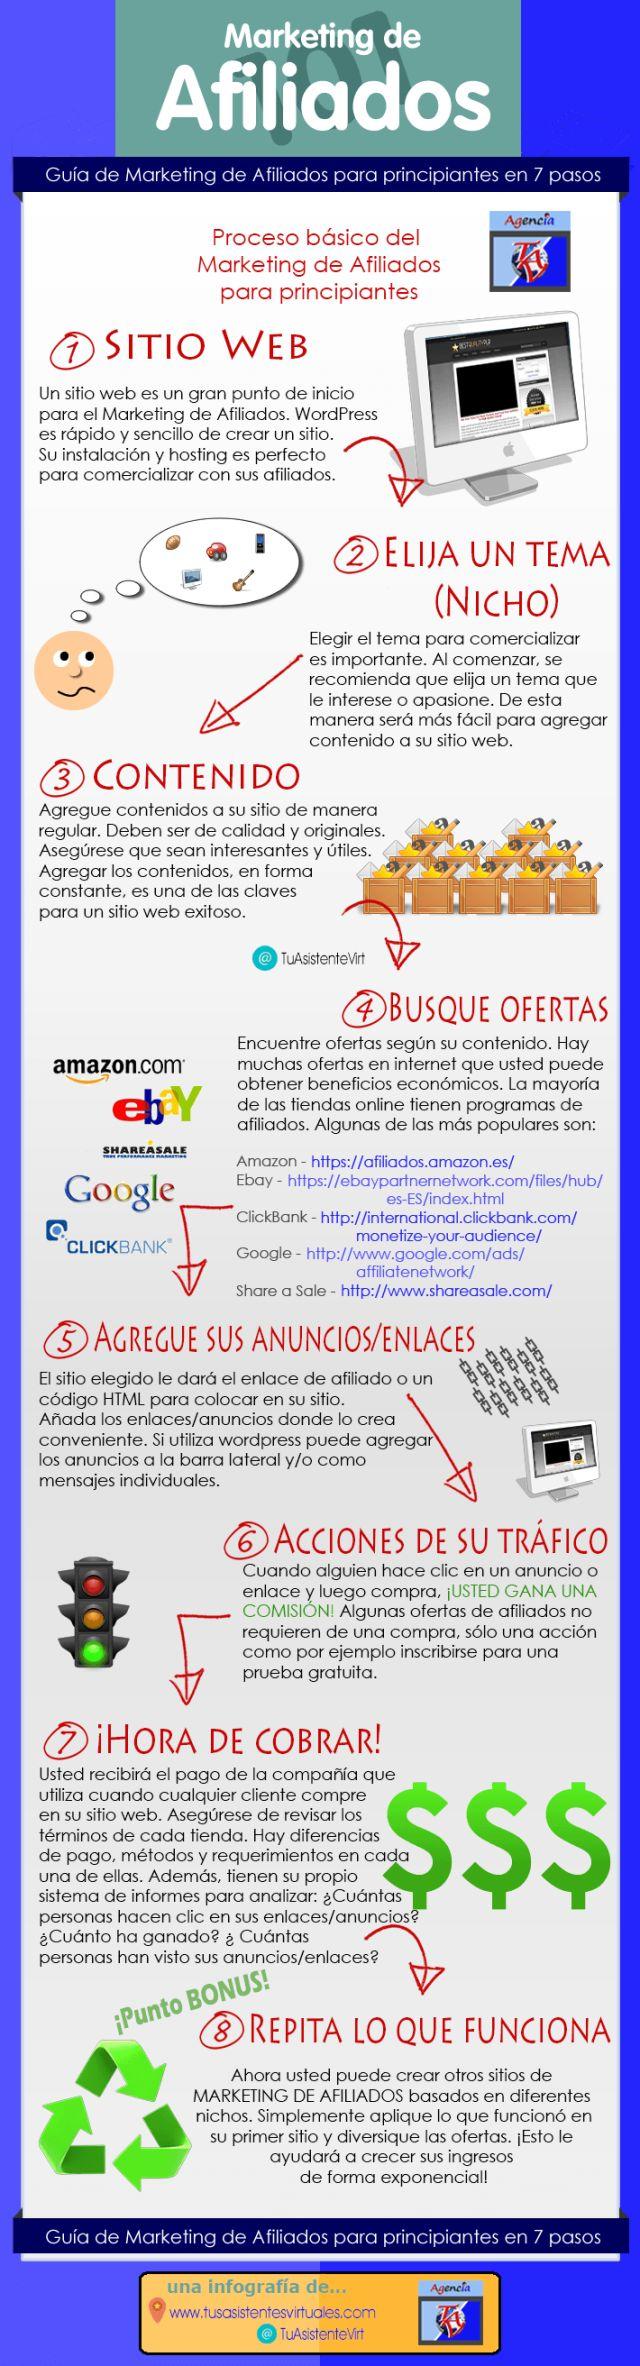 Guía de marketing de afiliación en 7 pasos #infografia